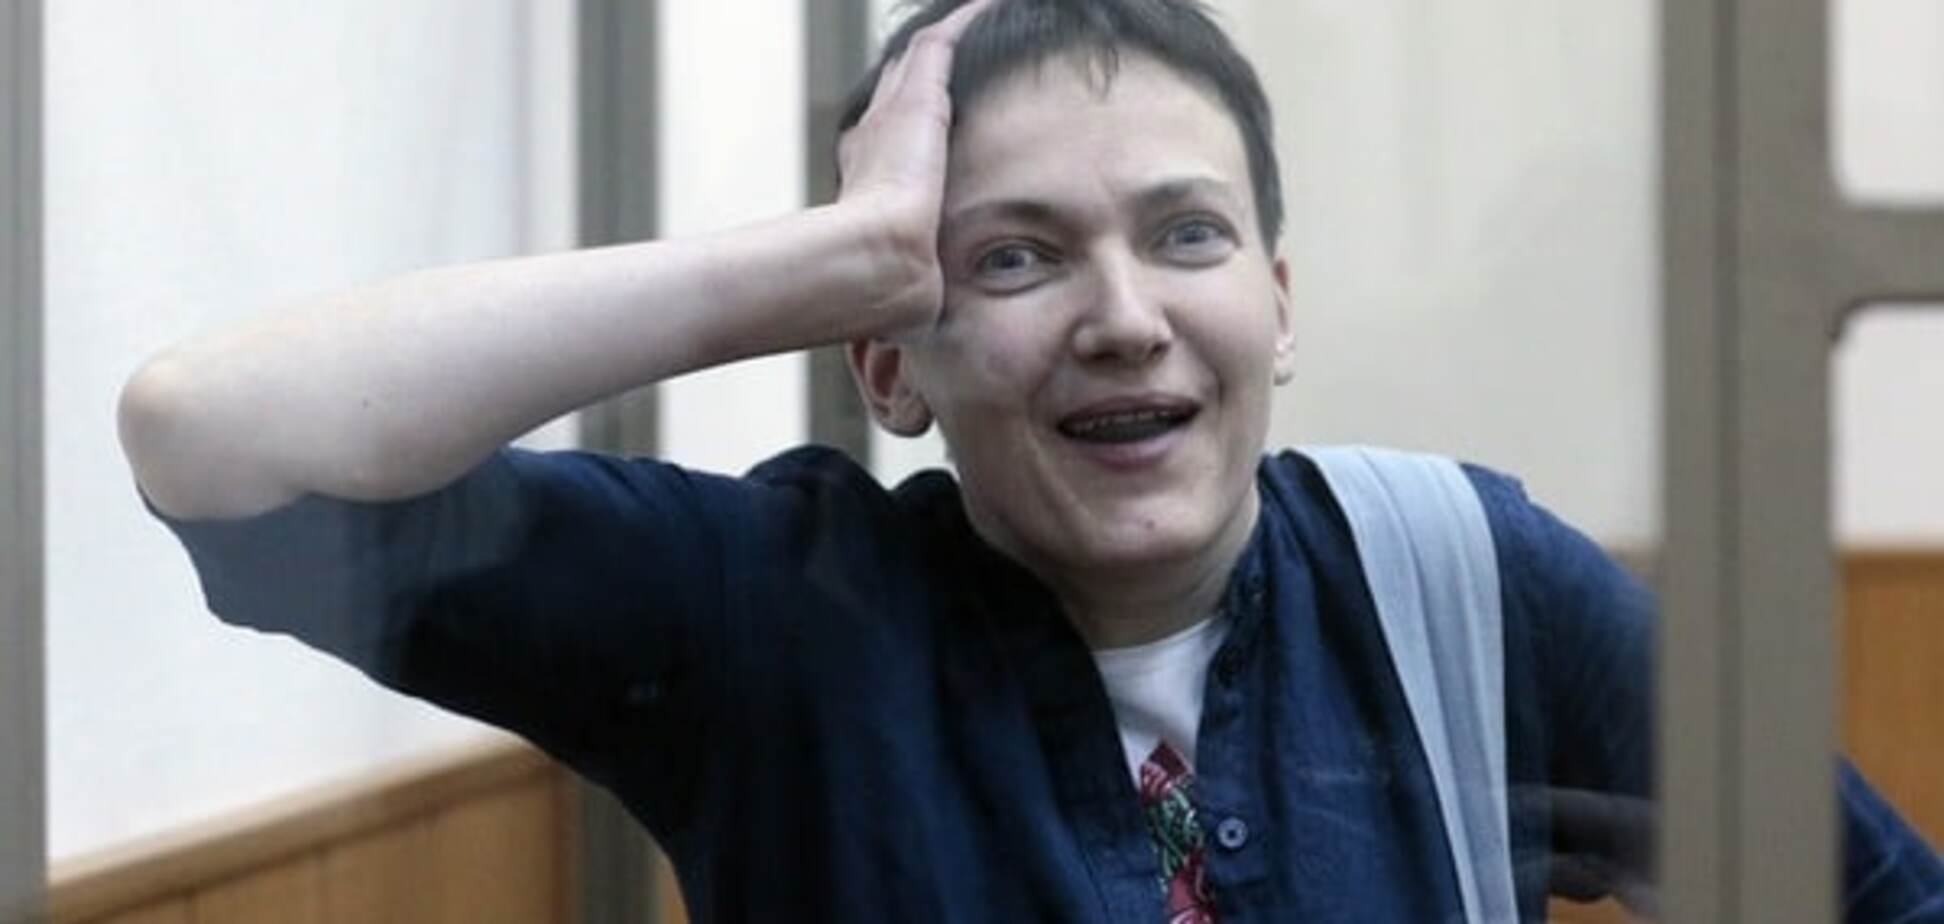 Російський ЗМІ повідомив про 'німецького військовослужбовця Савченко': фотофакт